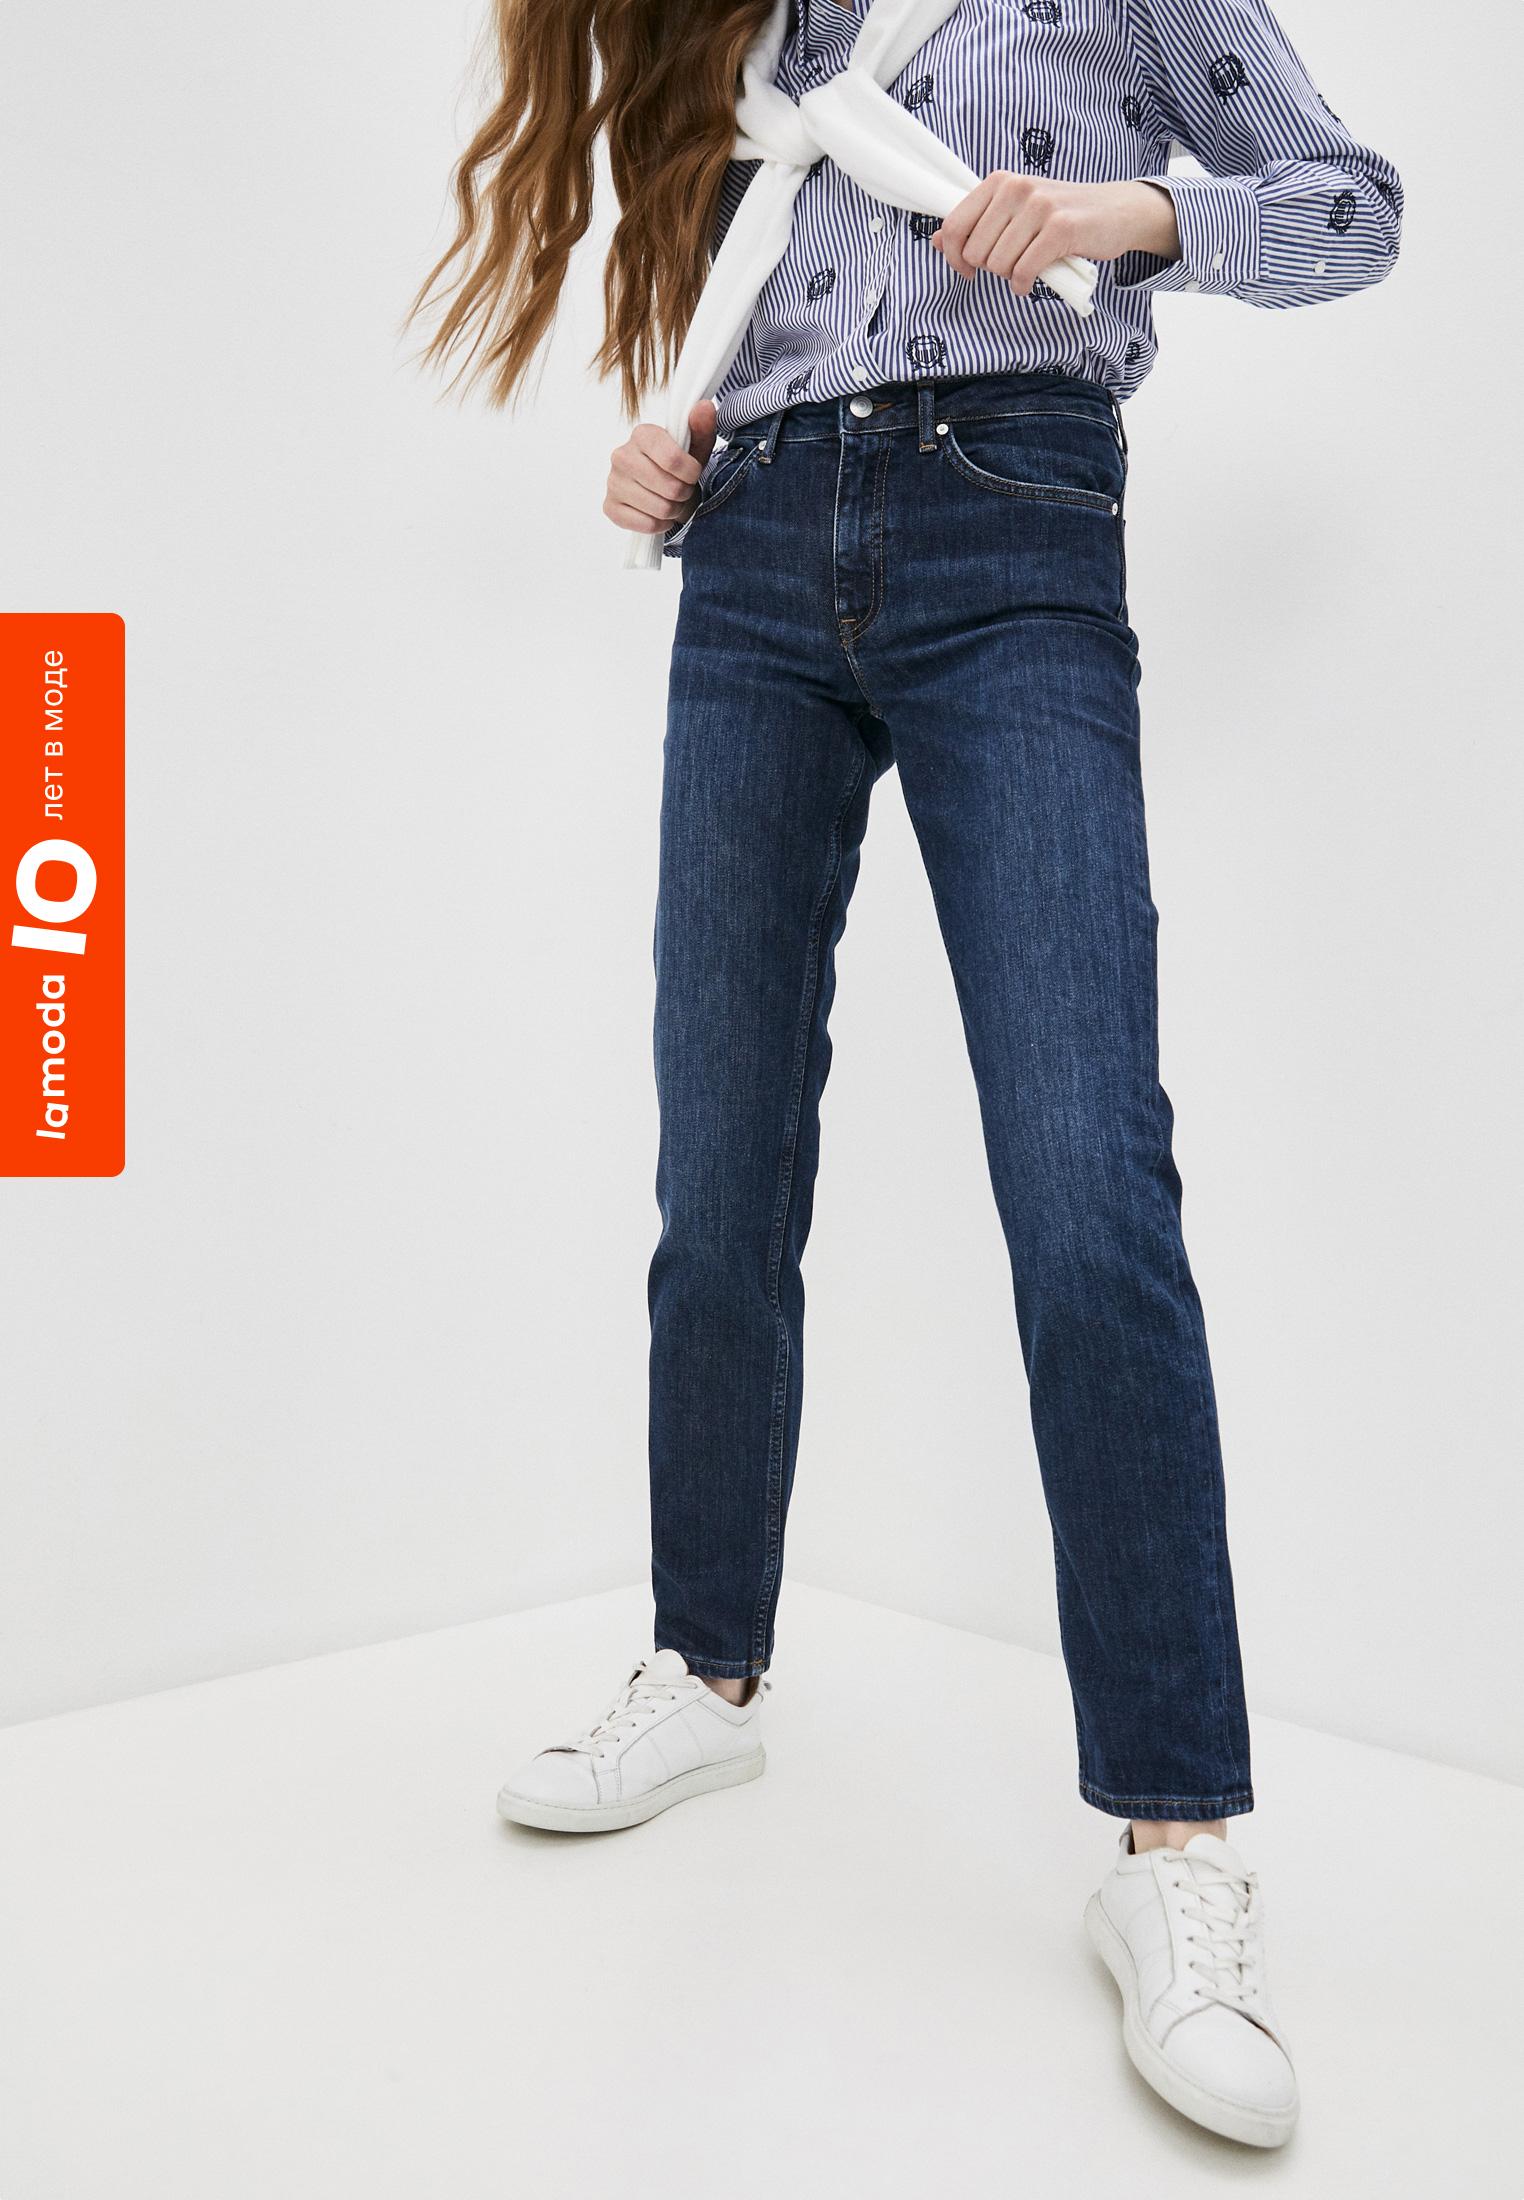 Прямые джинсы Gant (Гант) Джинсы Gant